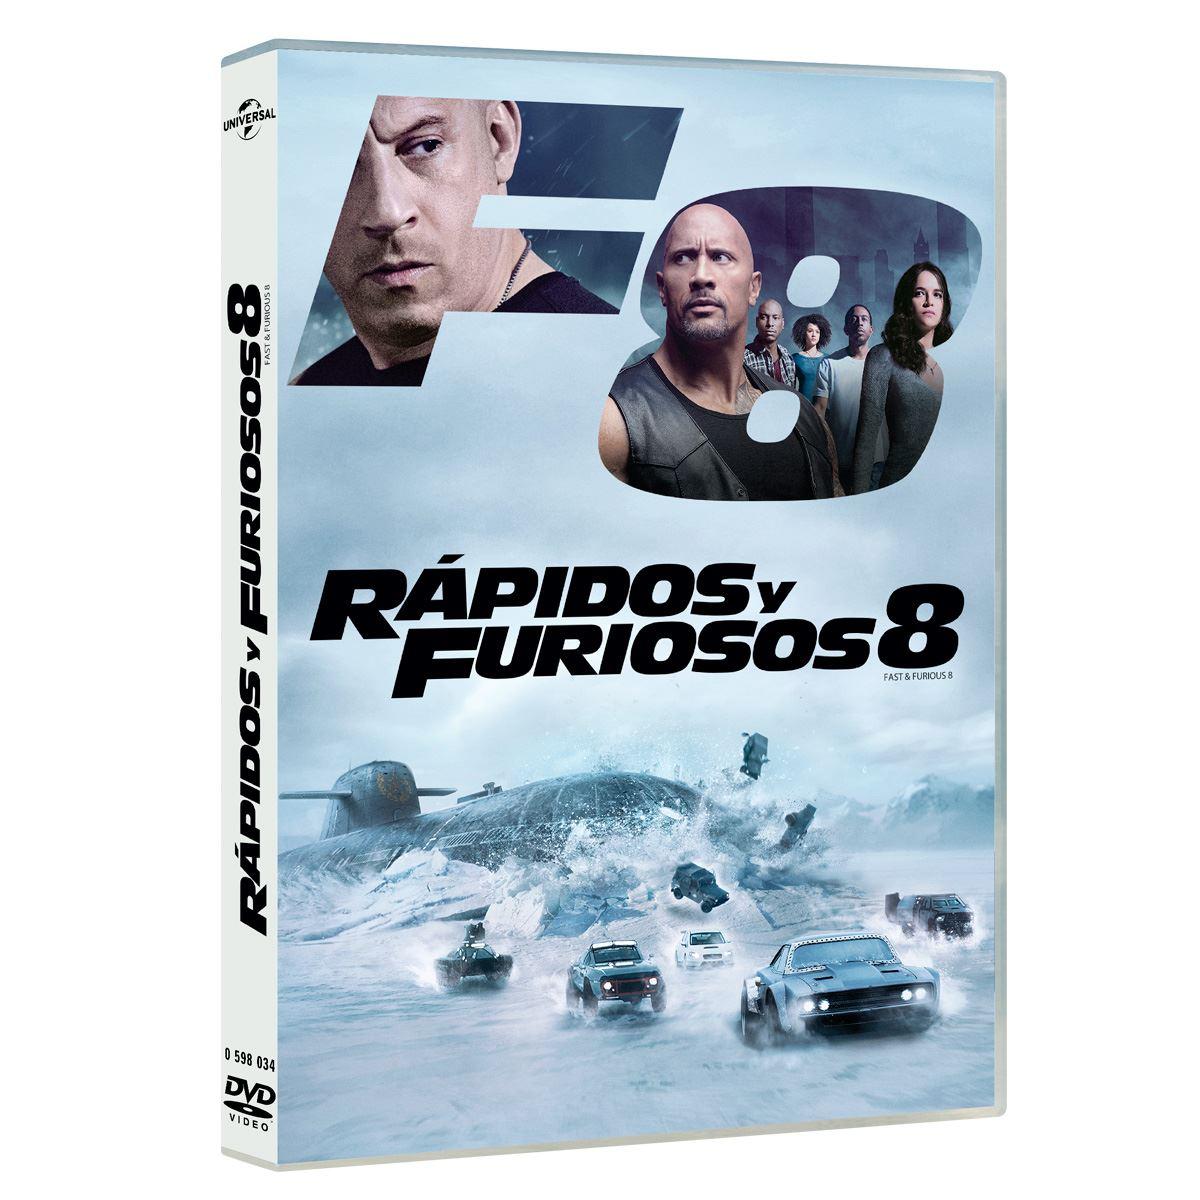 DVD Rapido y Furioso 8